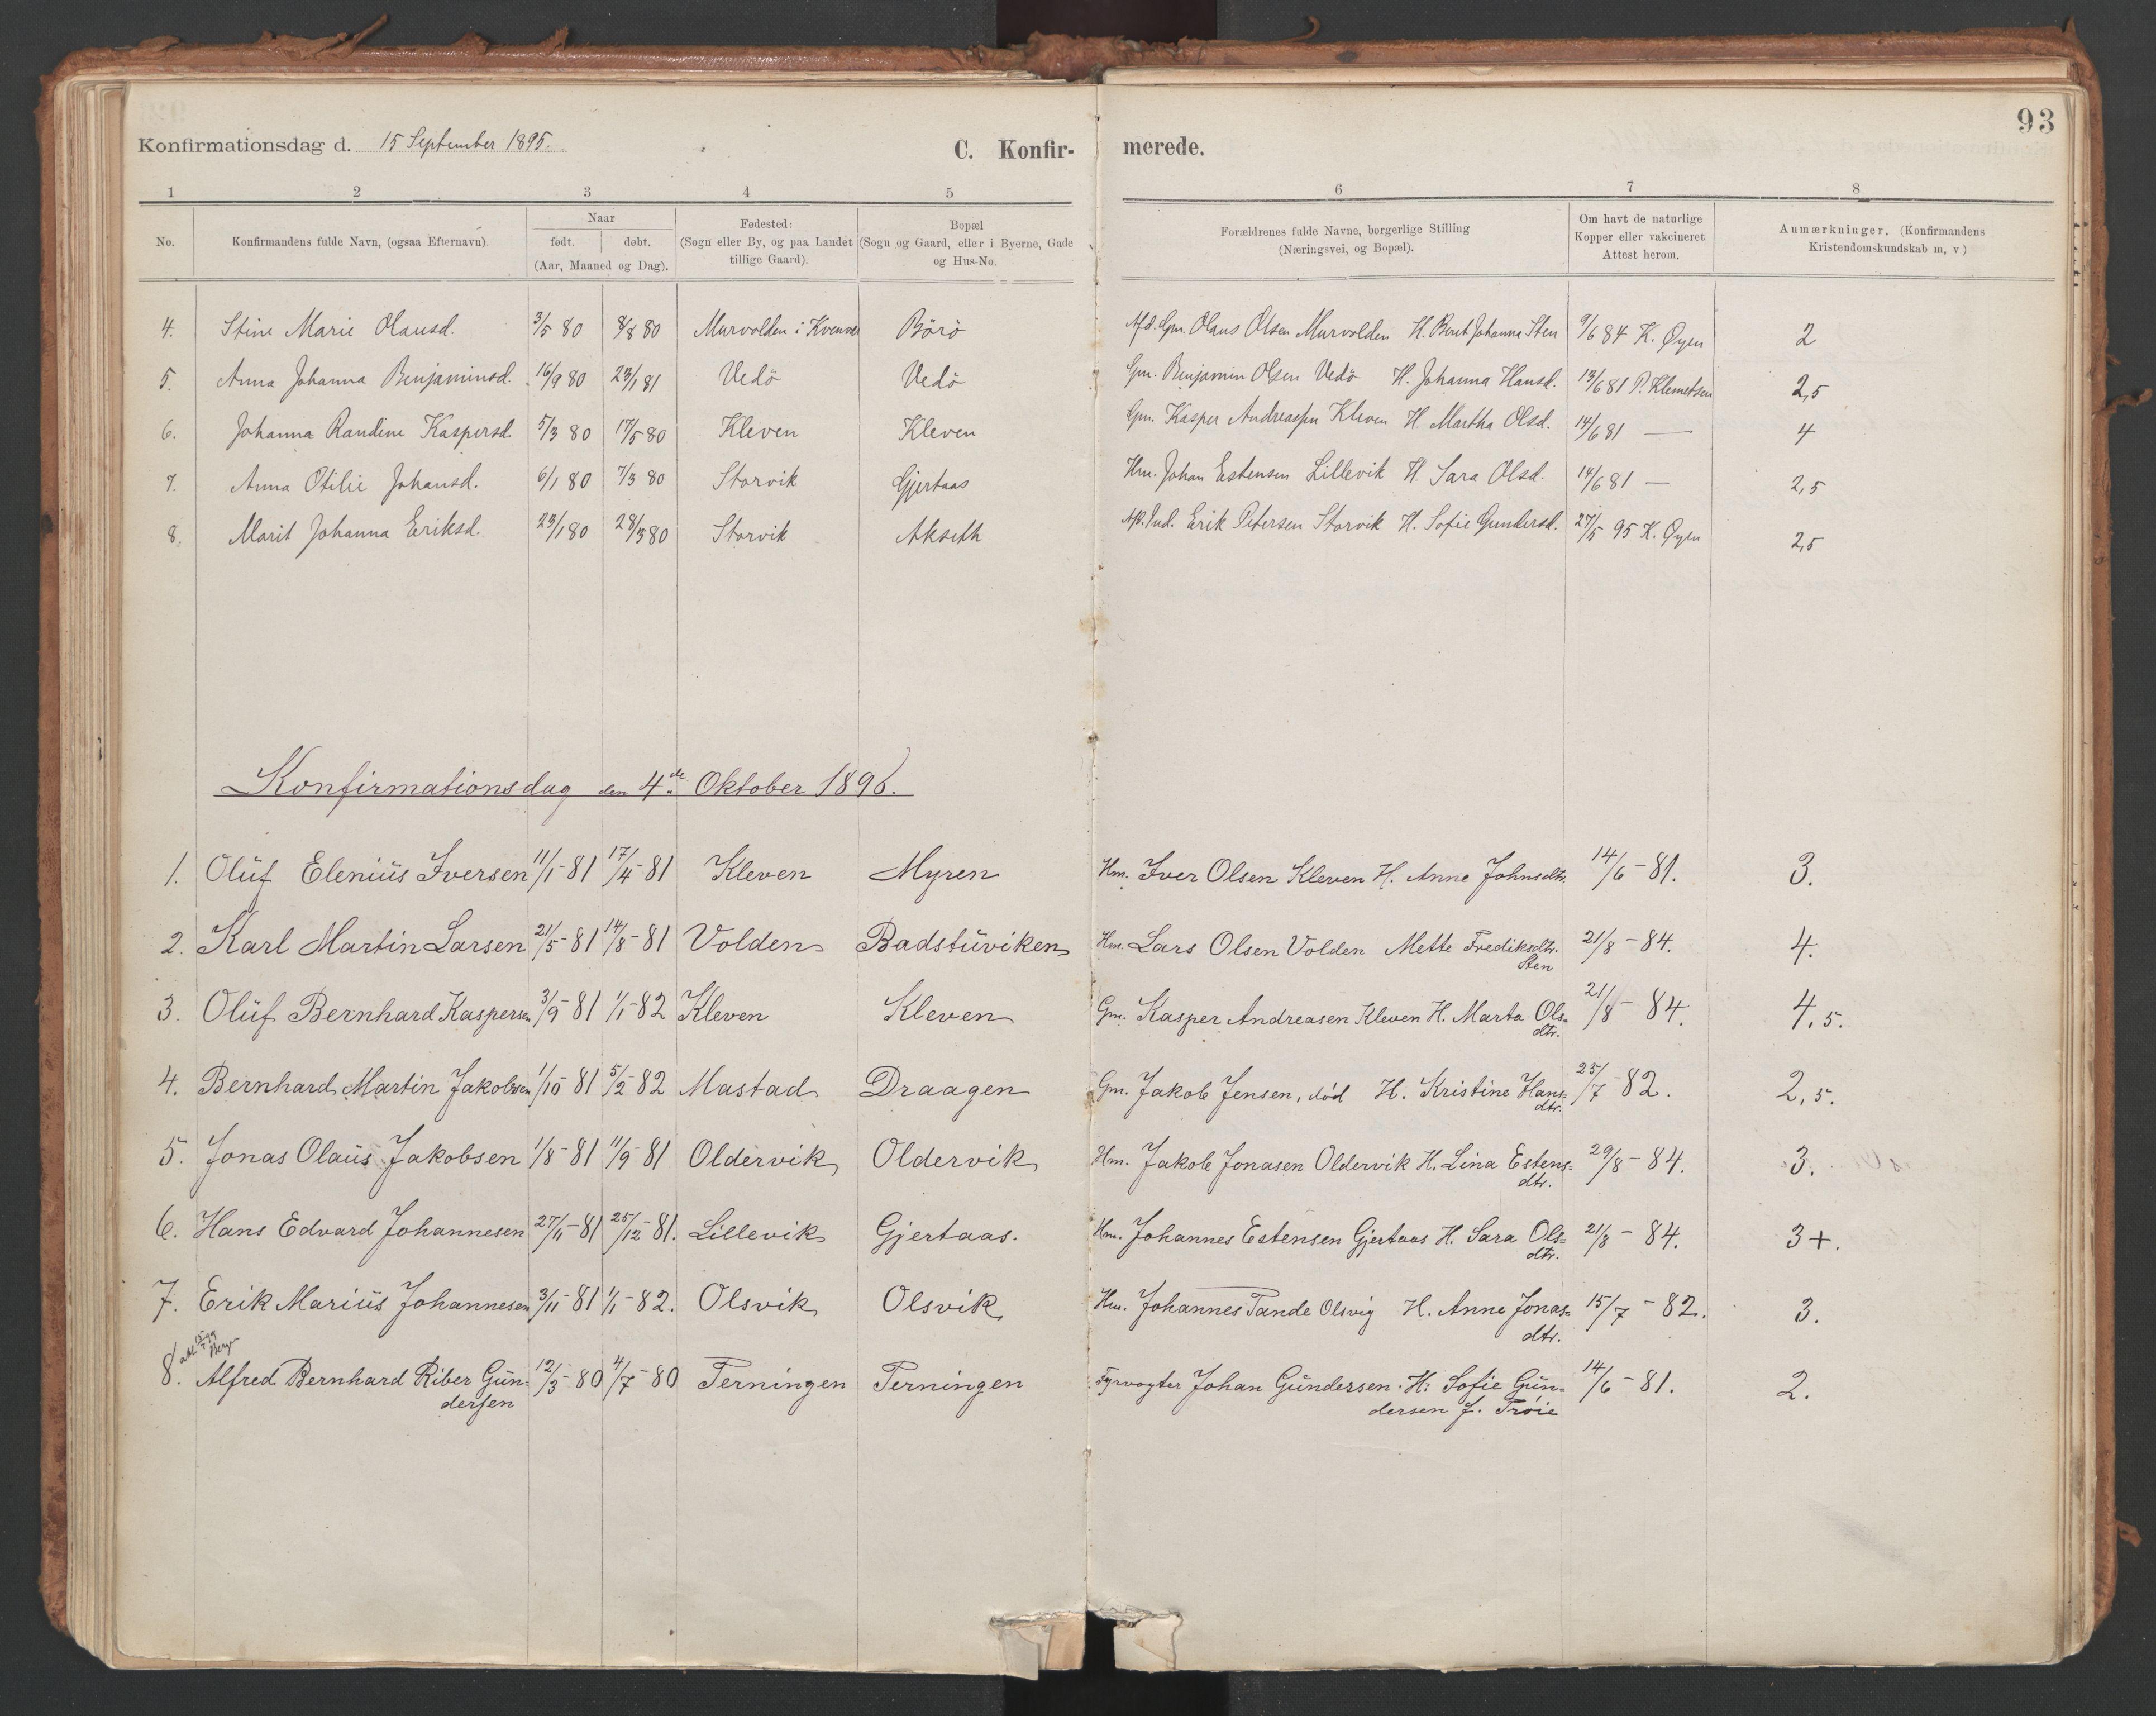 SAT, Ministerialprotokoller, klokkerbøker og fødselsregistre - Sør-Trøndelag, 639/L0572: Ministerialbok nr. 639A01, 1890-1920, s. 93